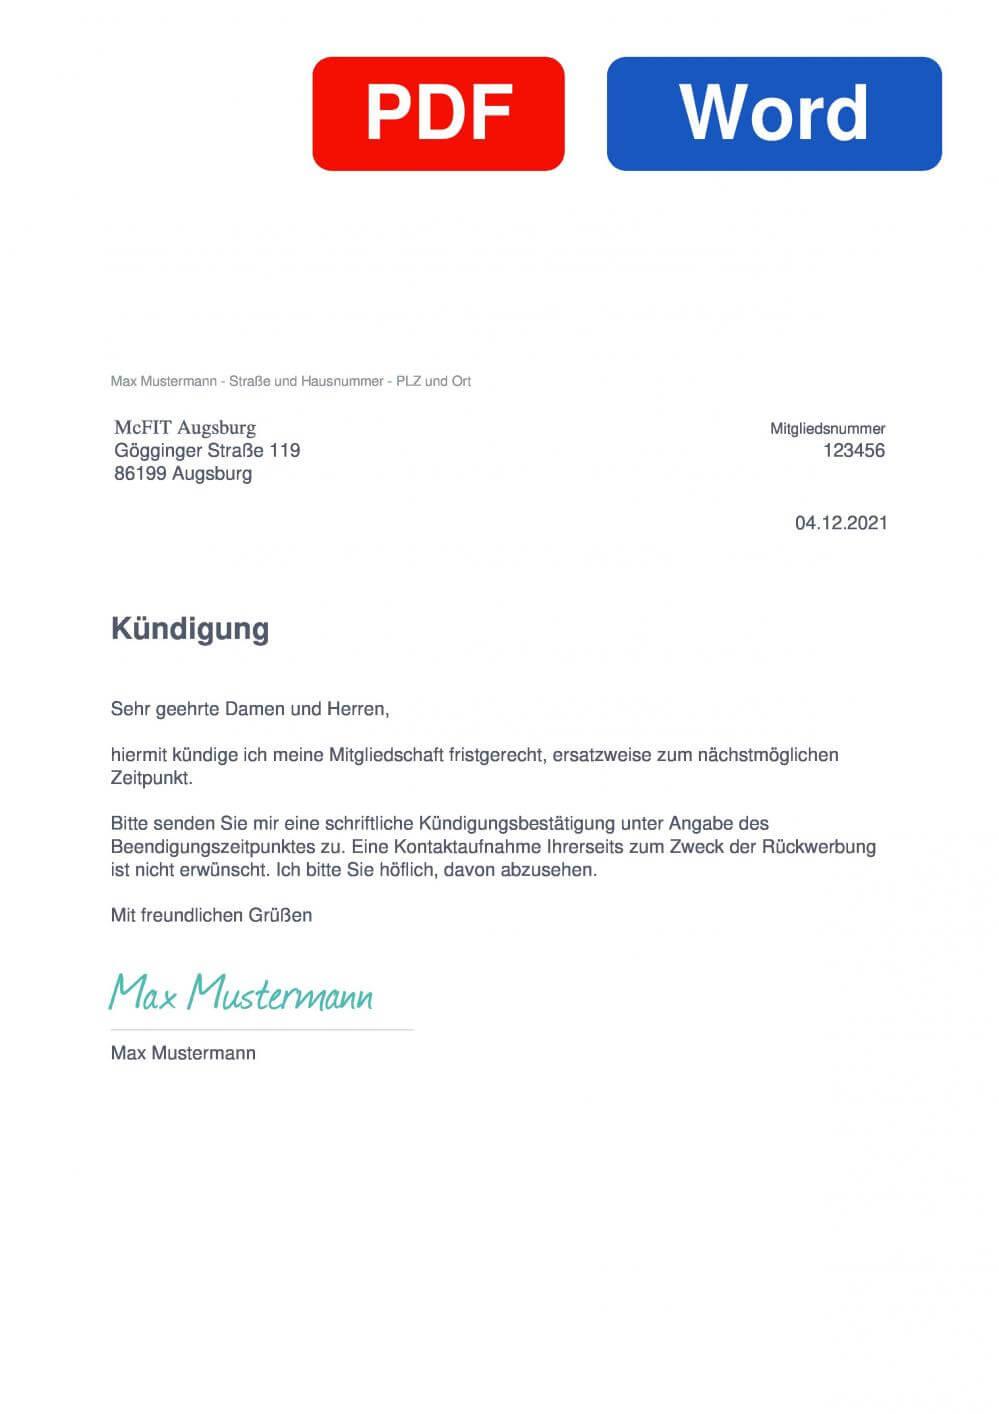 McFIT Augsburg Gögginger Straße Muster Vorlage für Kündigungsschreiben